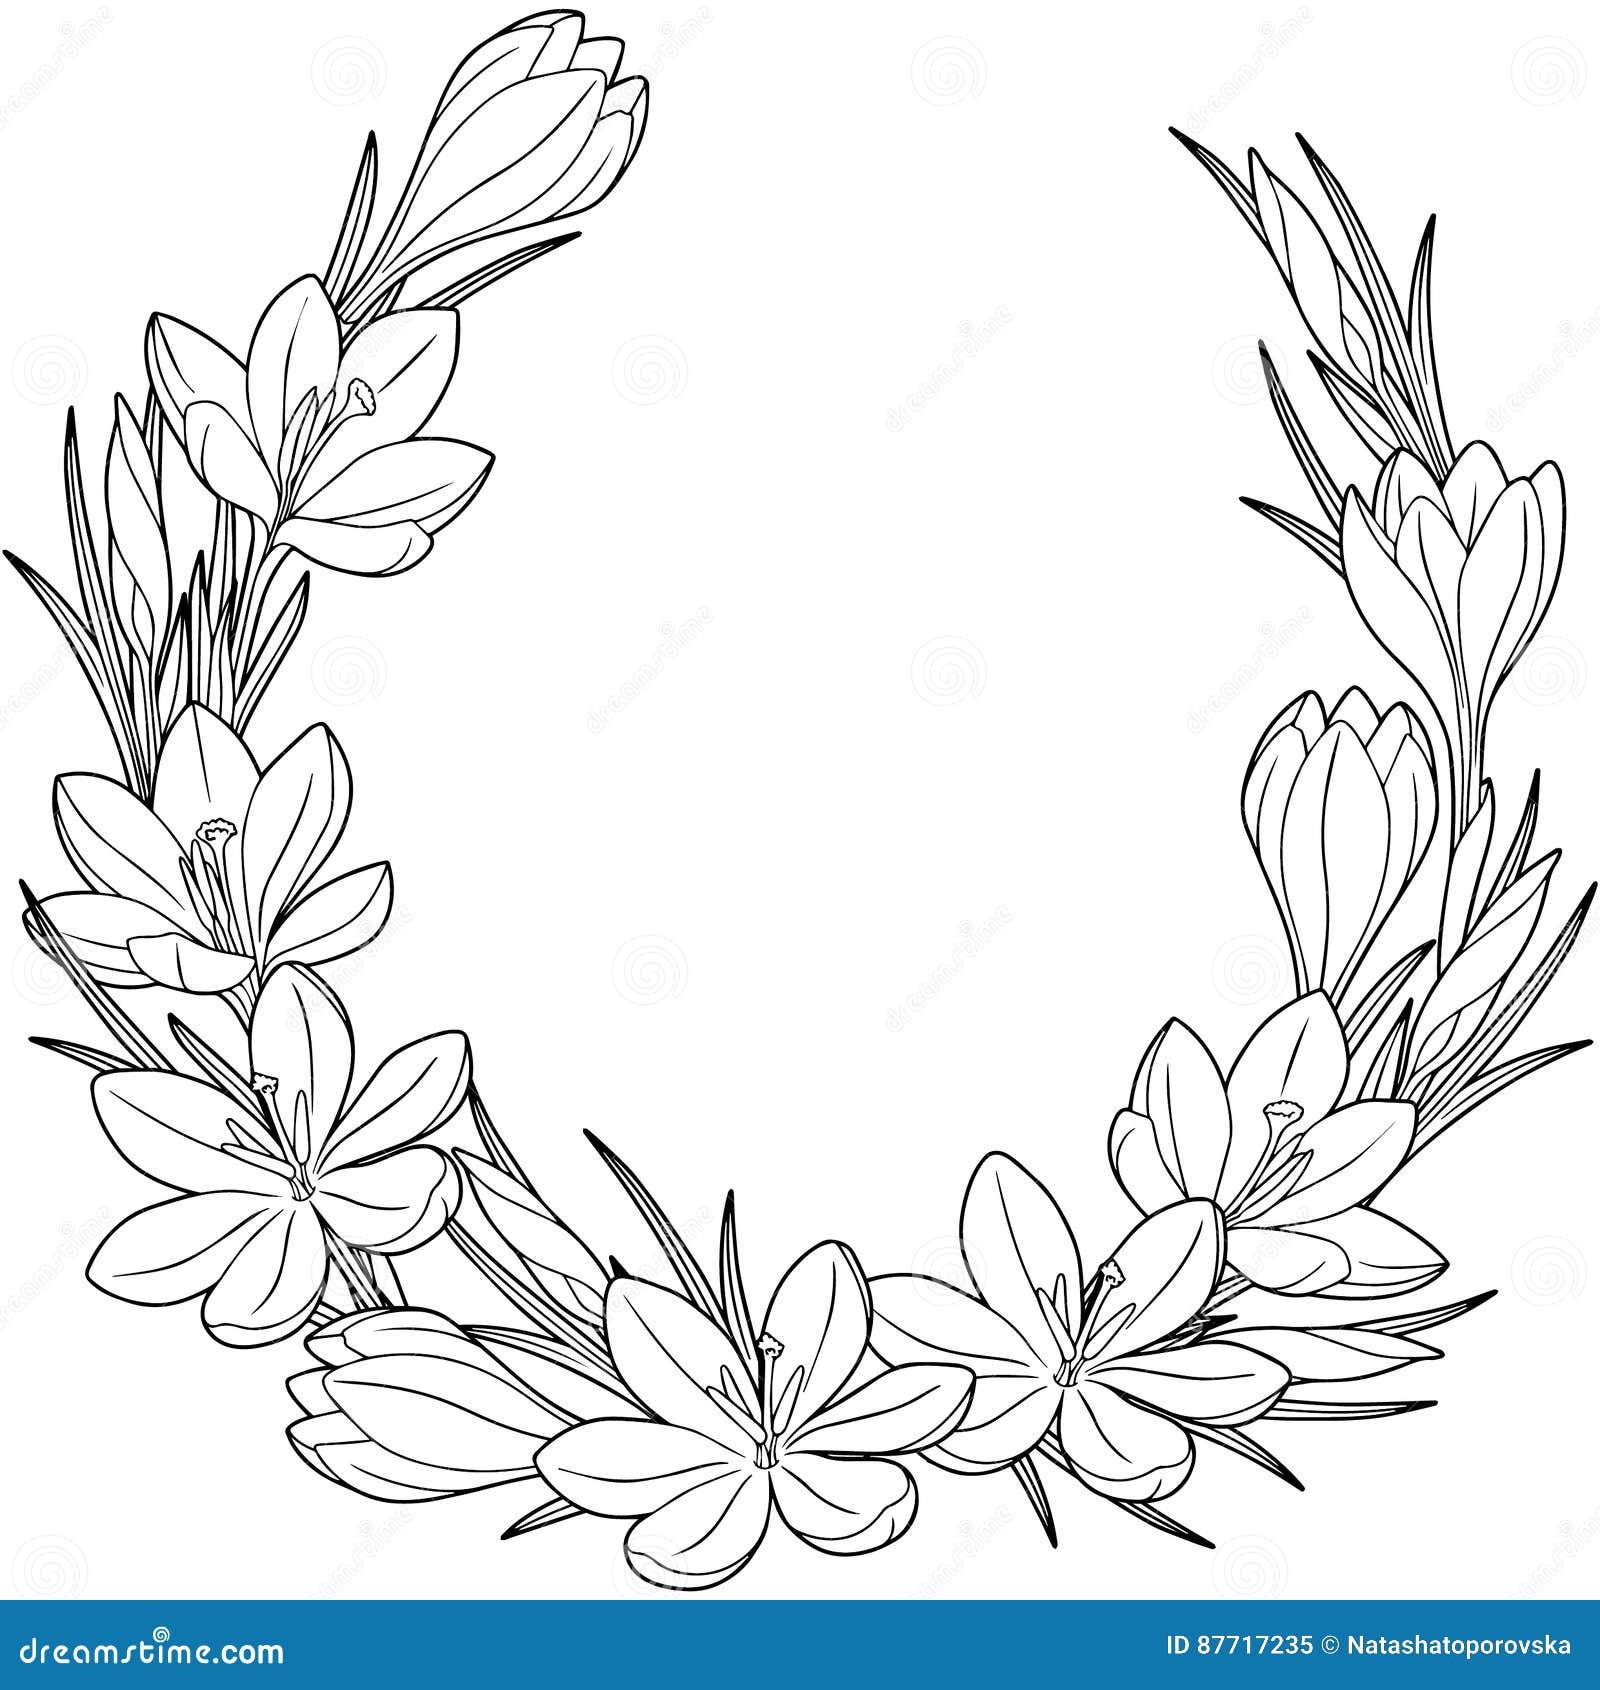 Vignett цветка весны крокусов Изолированные элементы вектора Черно-белое изображение для взрослой релаксации Изображение для диза